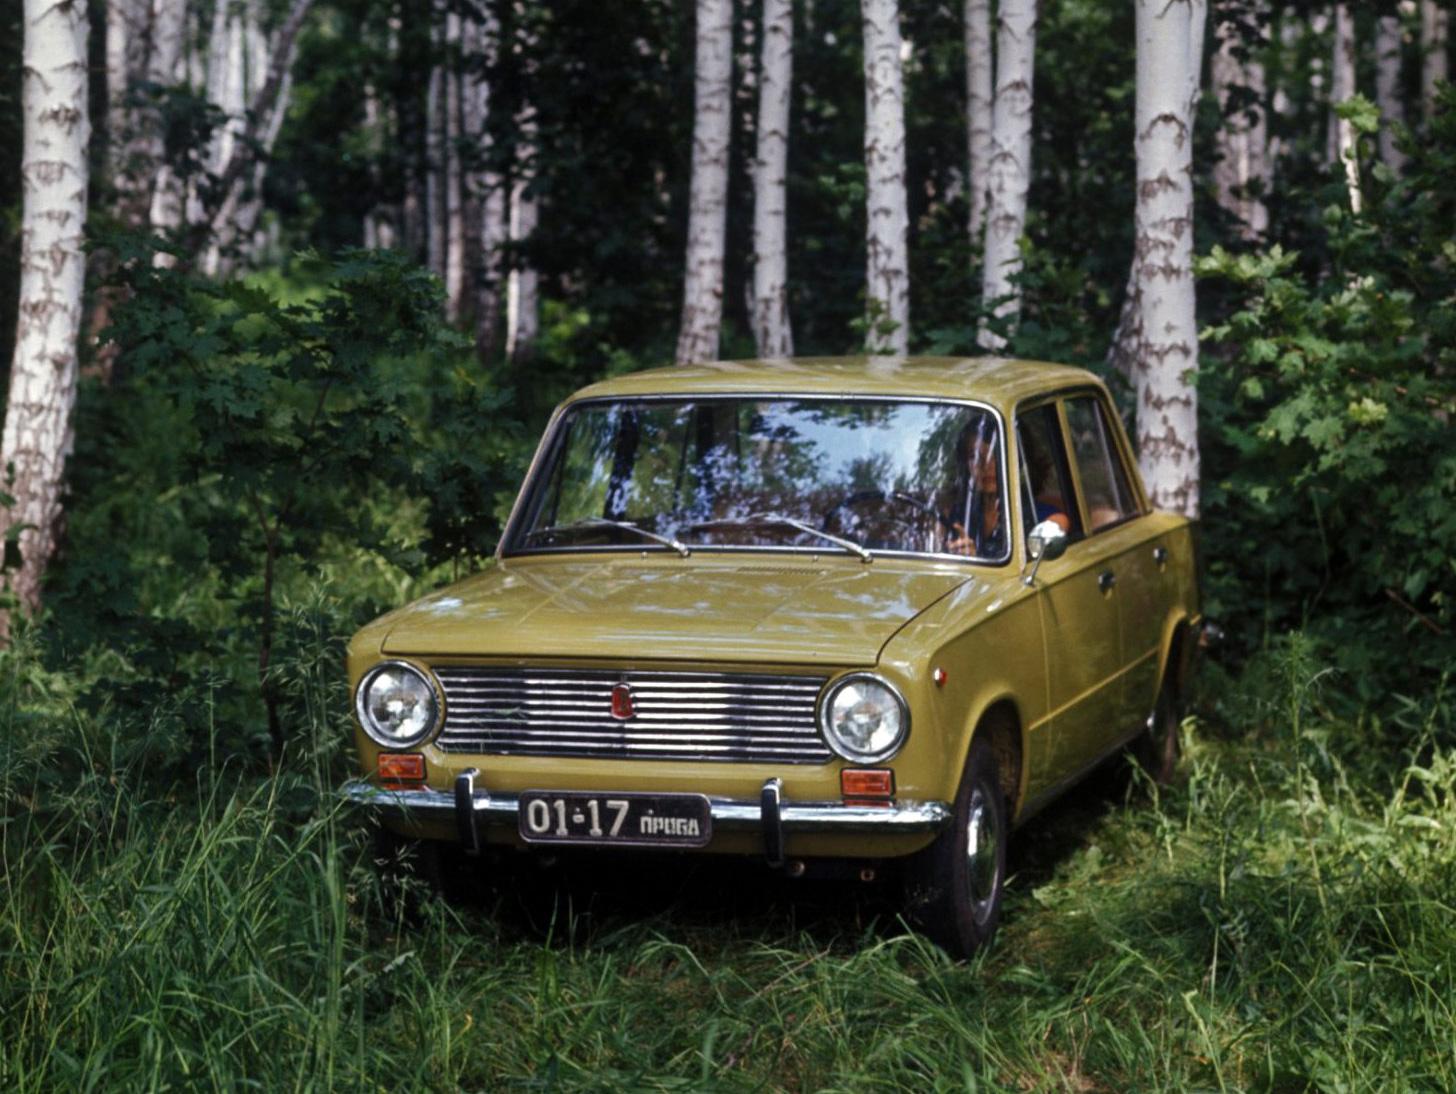 Производство газ-69 началось в 1953 году горьковским заводом и было прекращено в ульяновске 1971 г